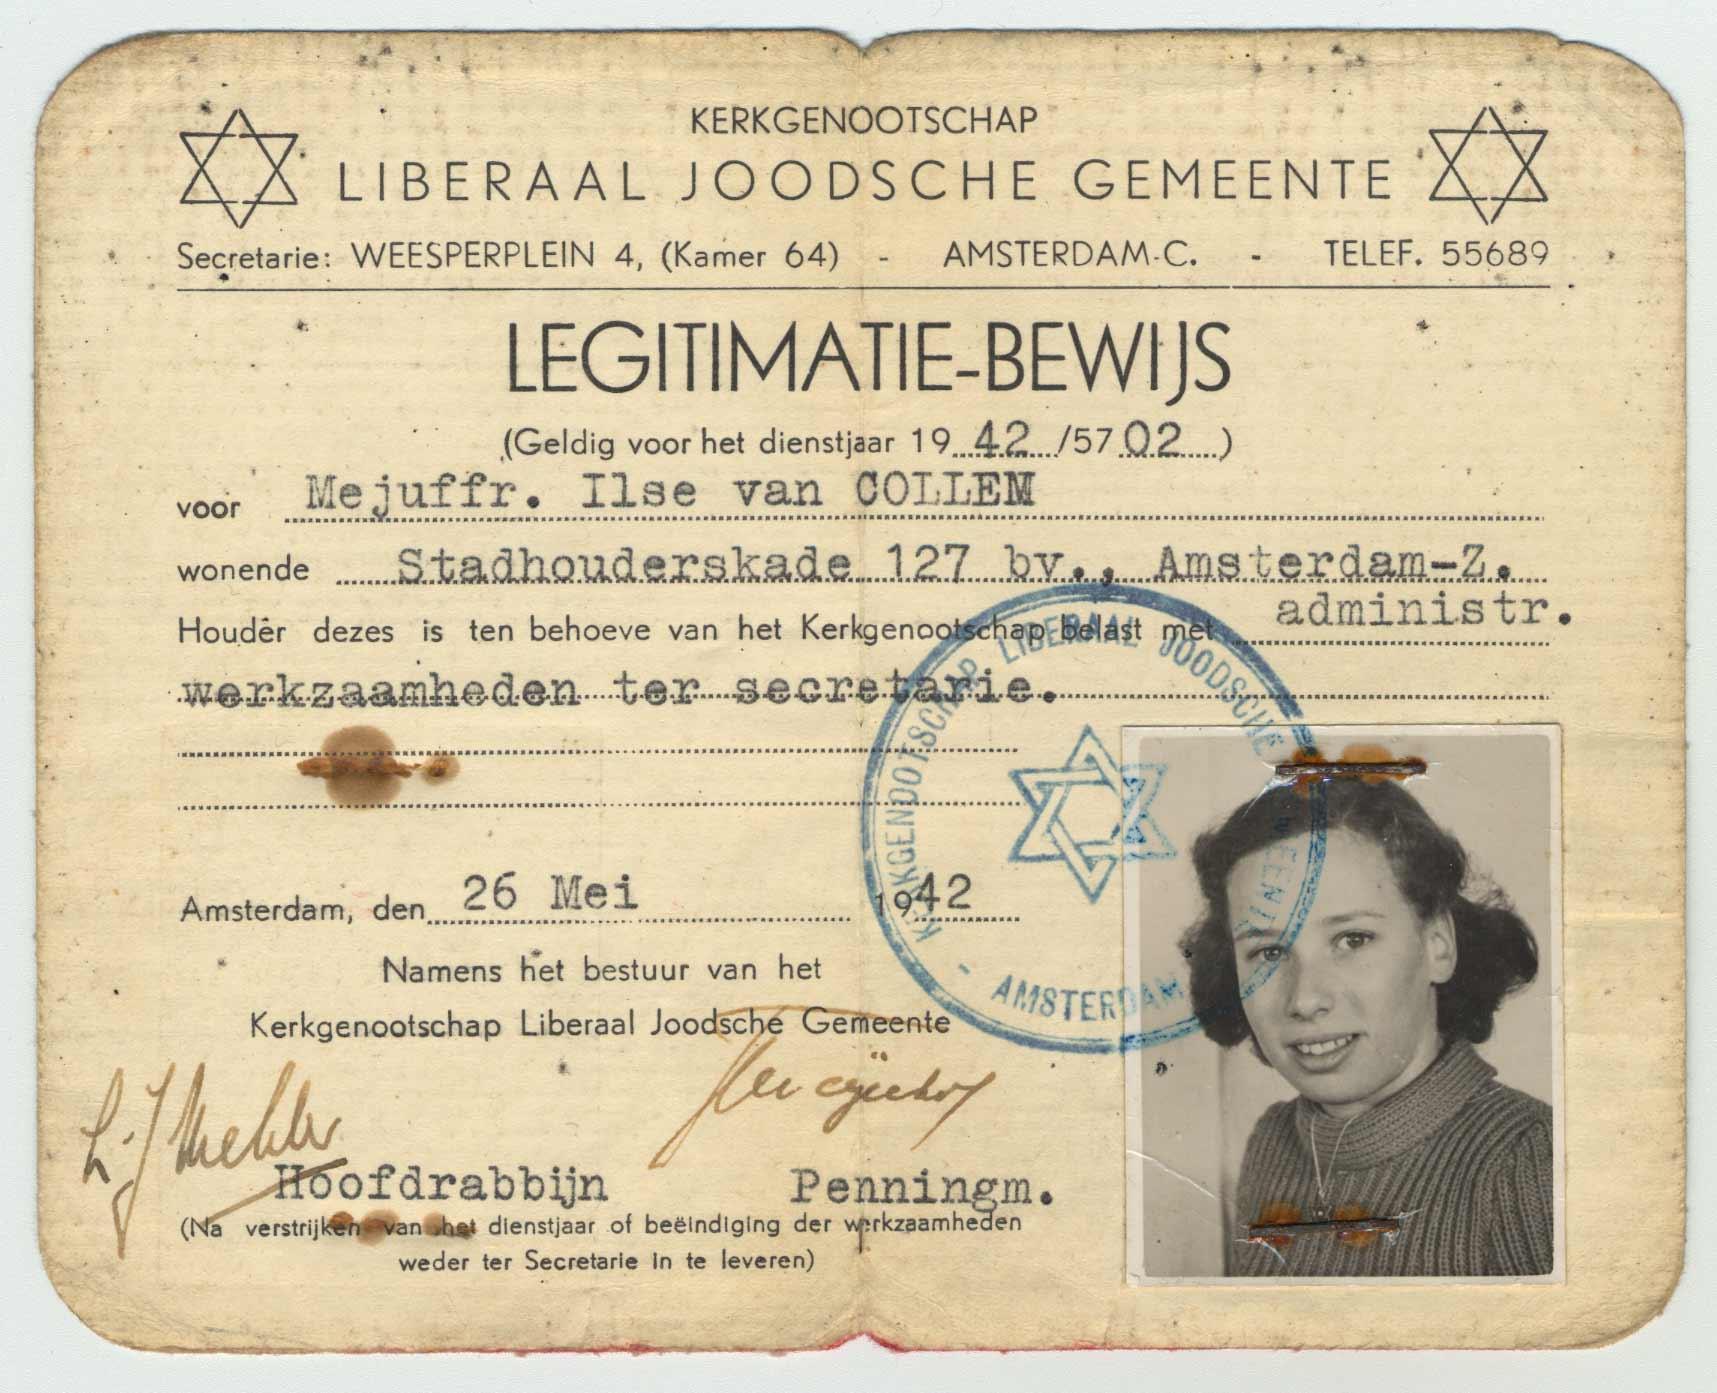 Carte d'identité et permis de travail d'Ilse van Collem délivrés par la Congrégation libérale juive, 26 mai 1942.